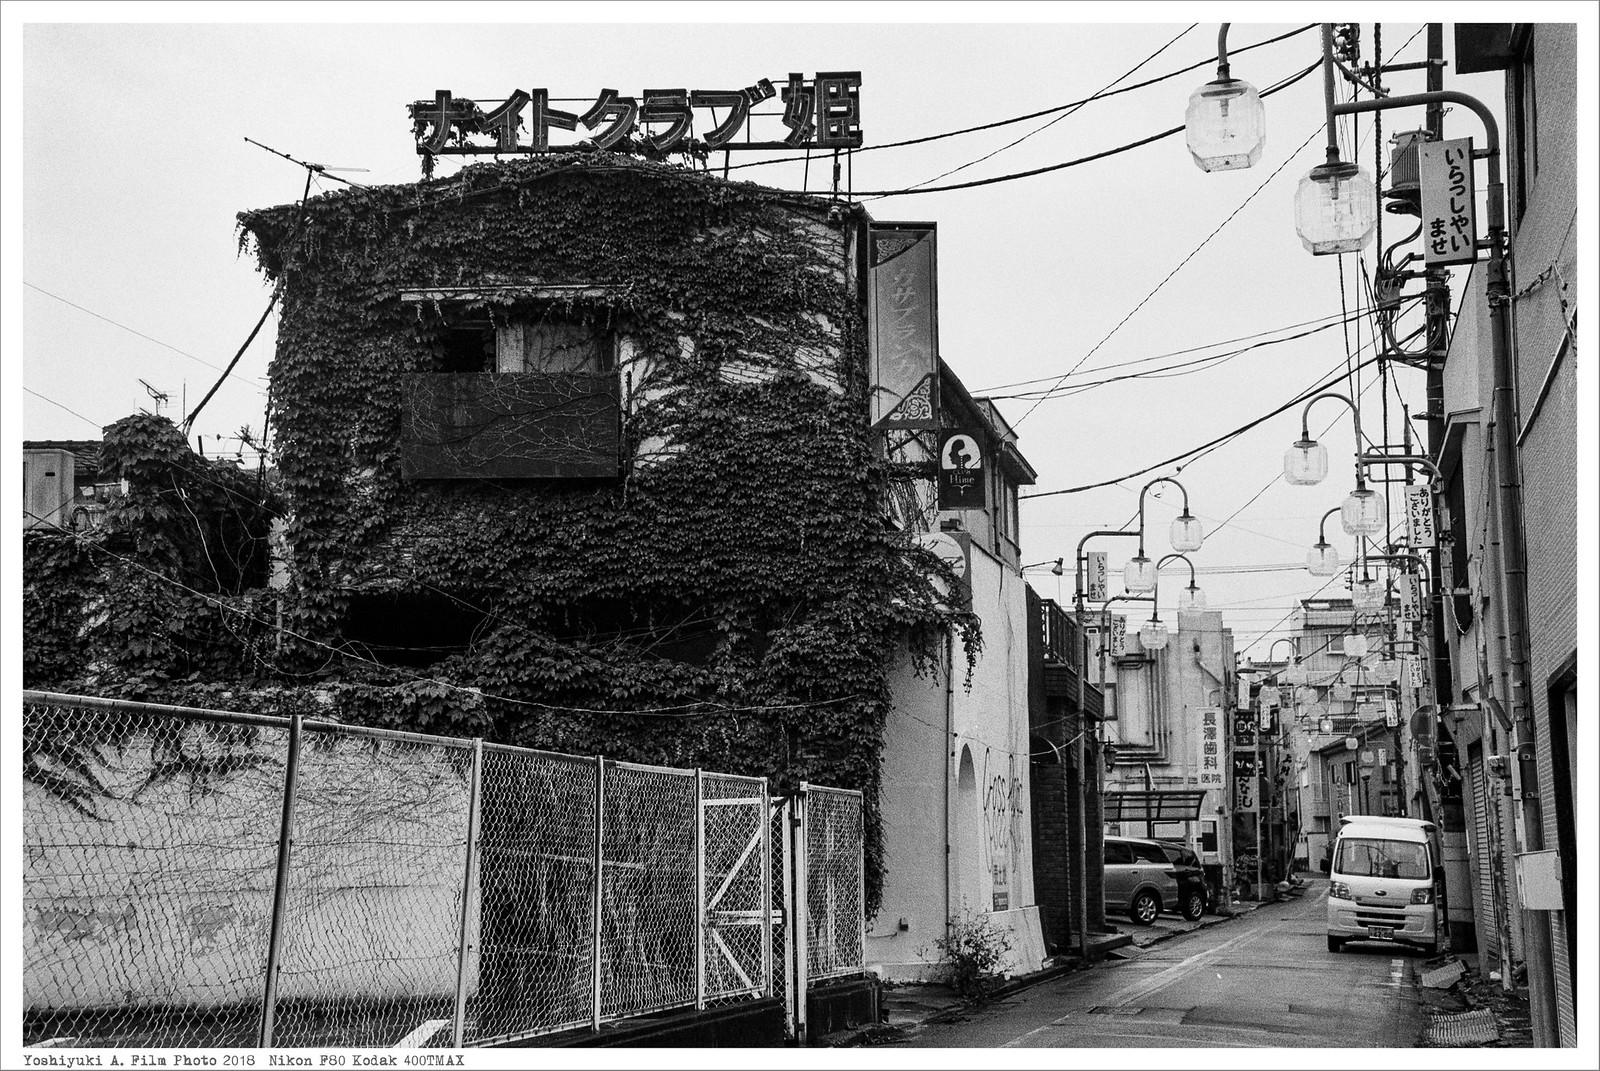 群馬県 桐生市 Nikon_F80_Kodak_400TMAX__32